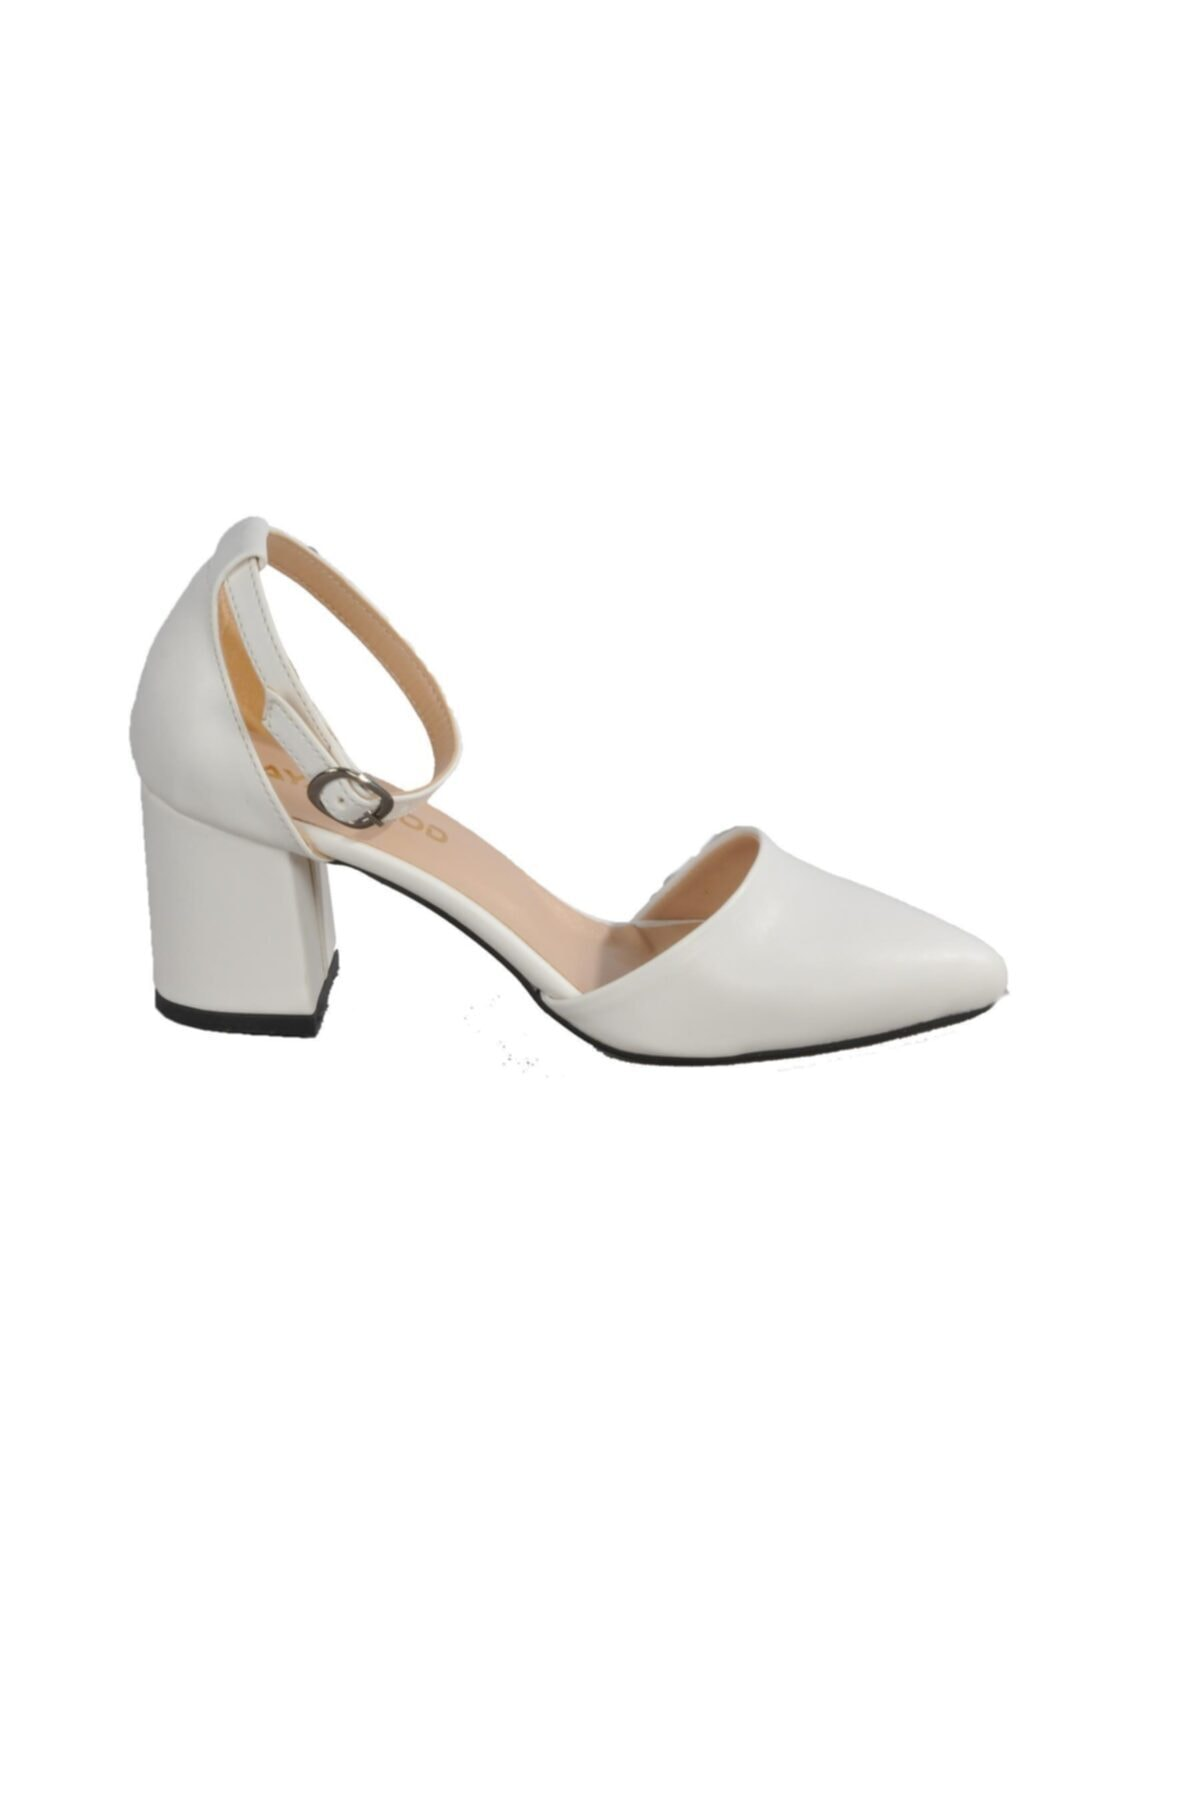 Maje Kadın Beyaz Topuklu Ayakkabı 2